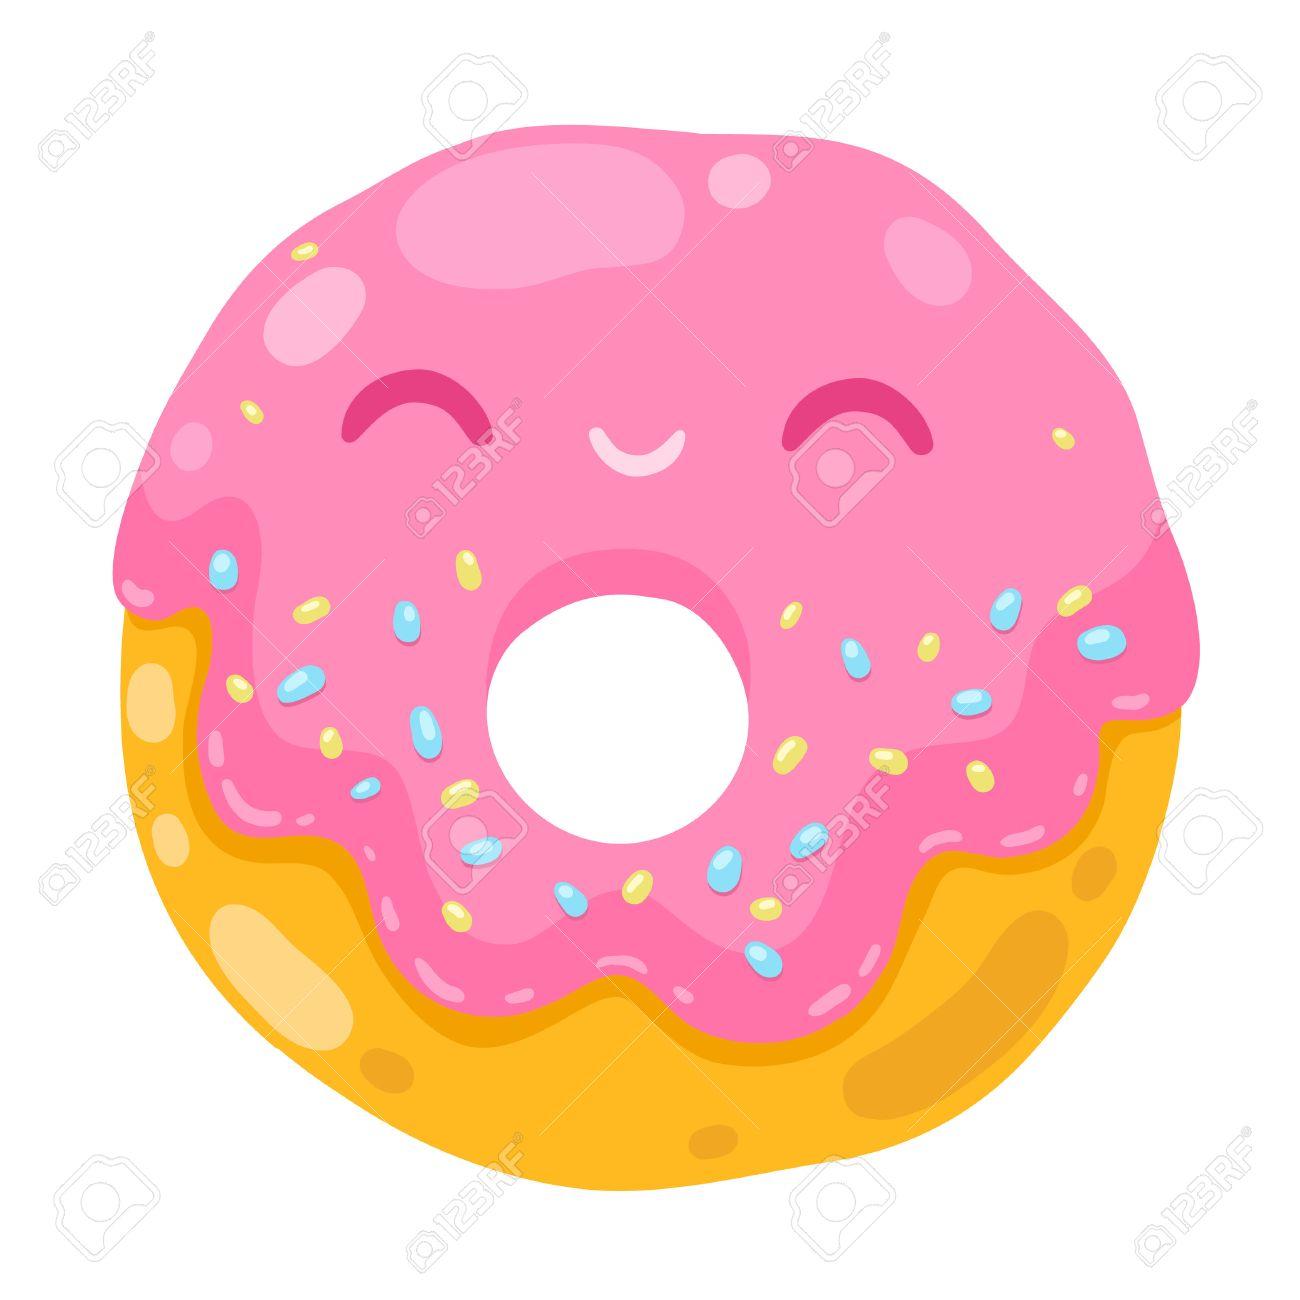 ピンクのクリームとかわいい笑顔ドーナツ食品イラストを漫画しますの